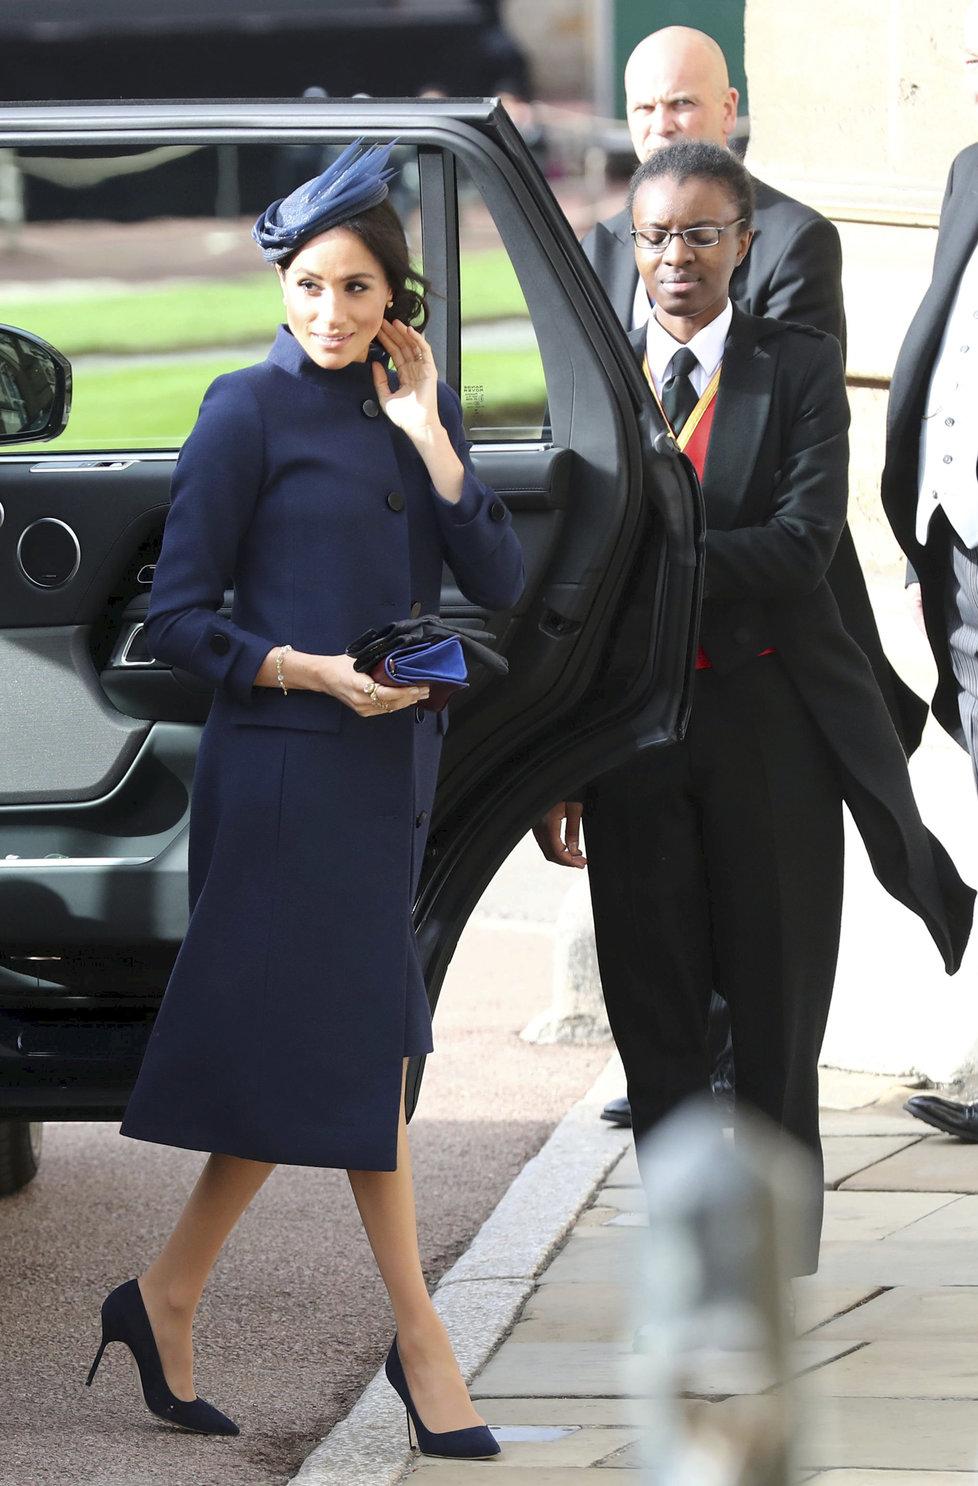 Vévodkyně Meghan přijíždí na svatbu princezny Eugenie